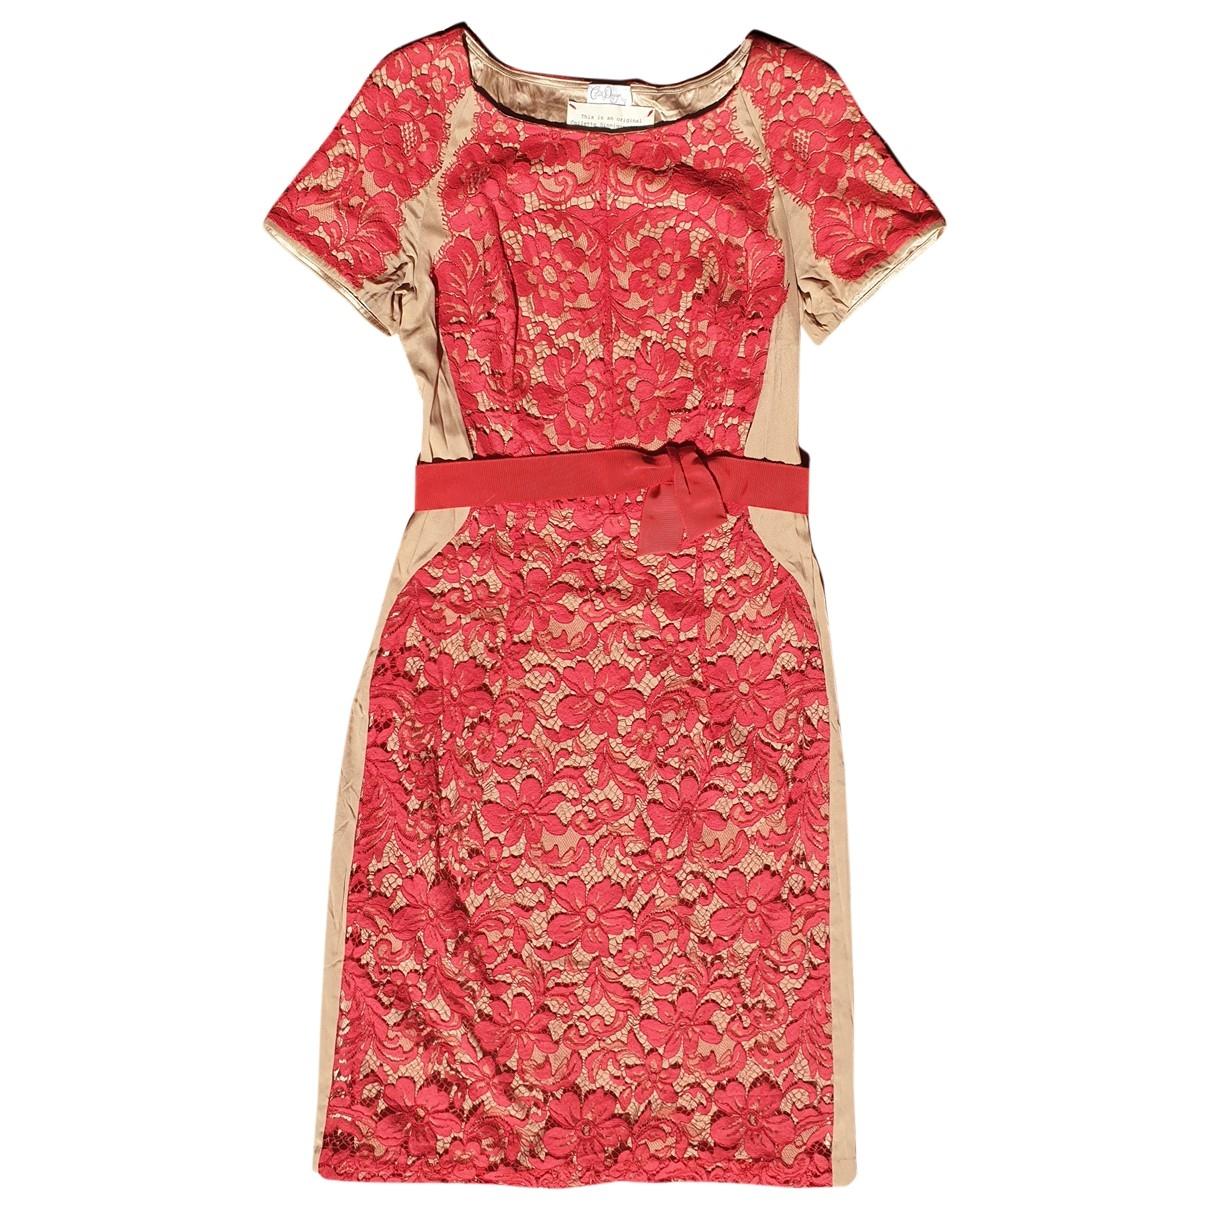 Collette Dinnigan - Robe   pour femme en dentelle - rouge